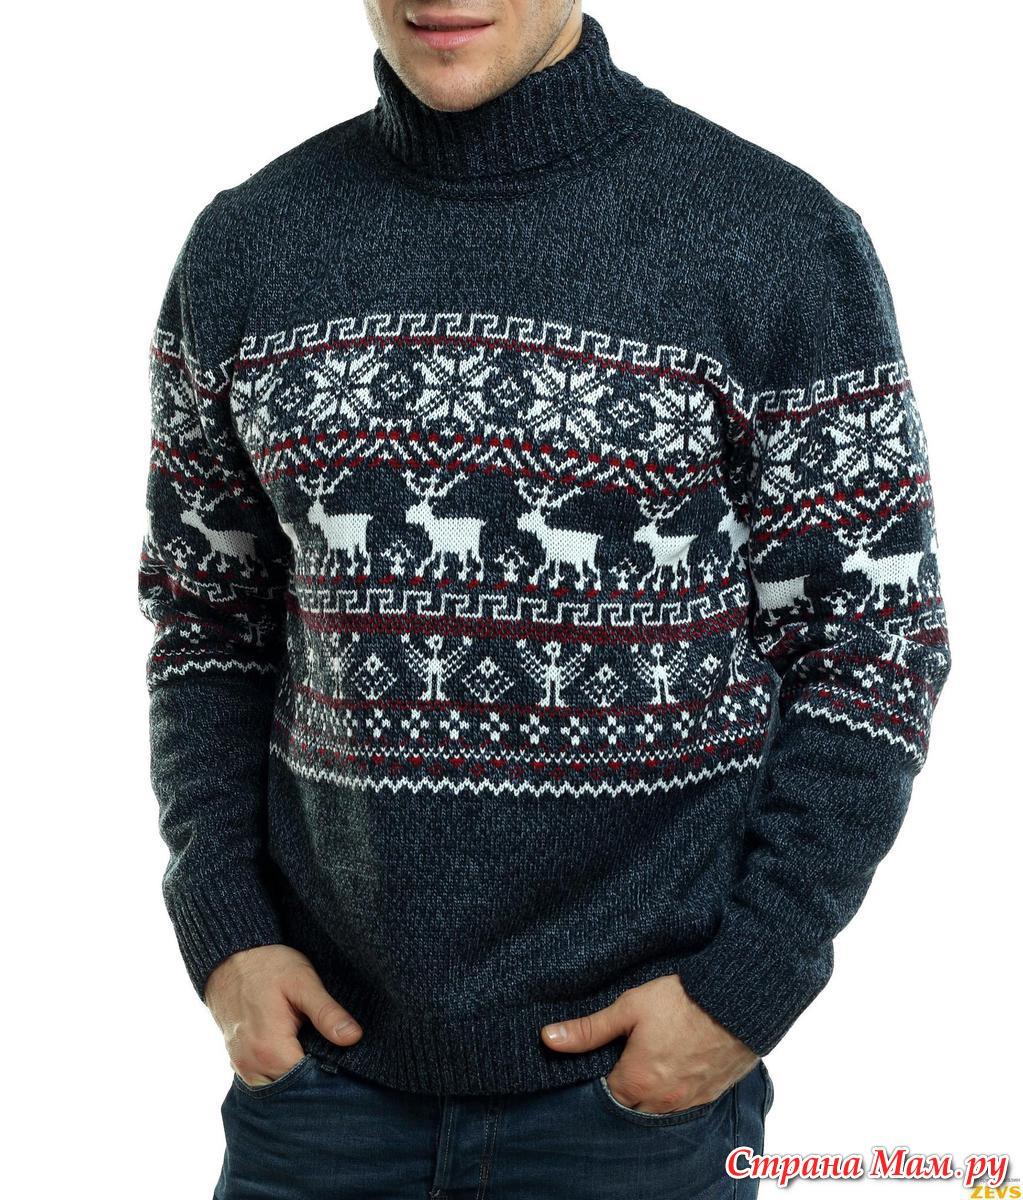 Вязаный свитер с оленями схема